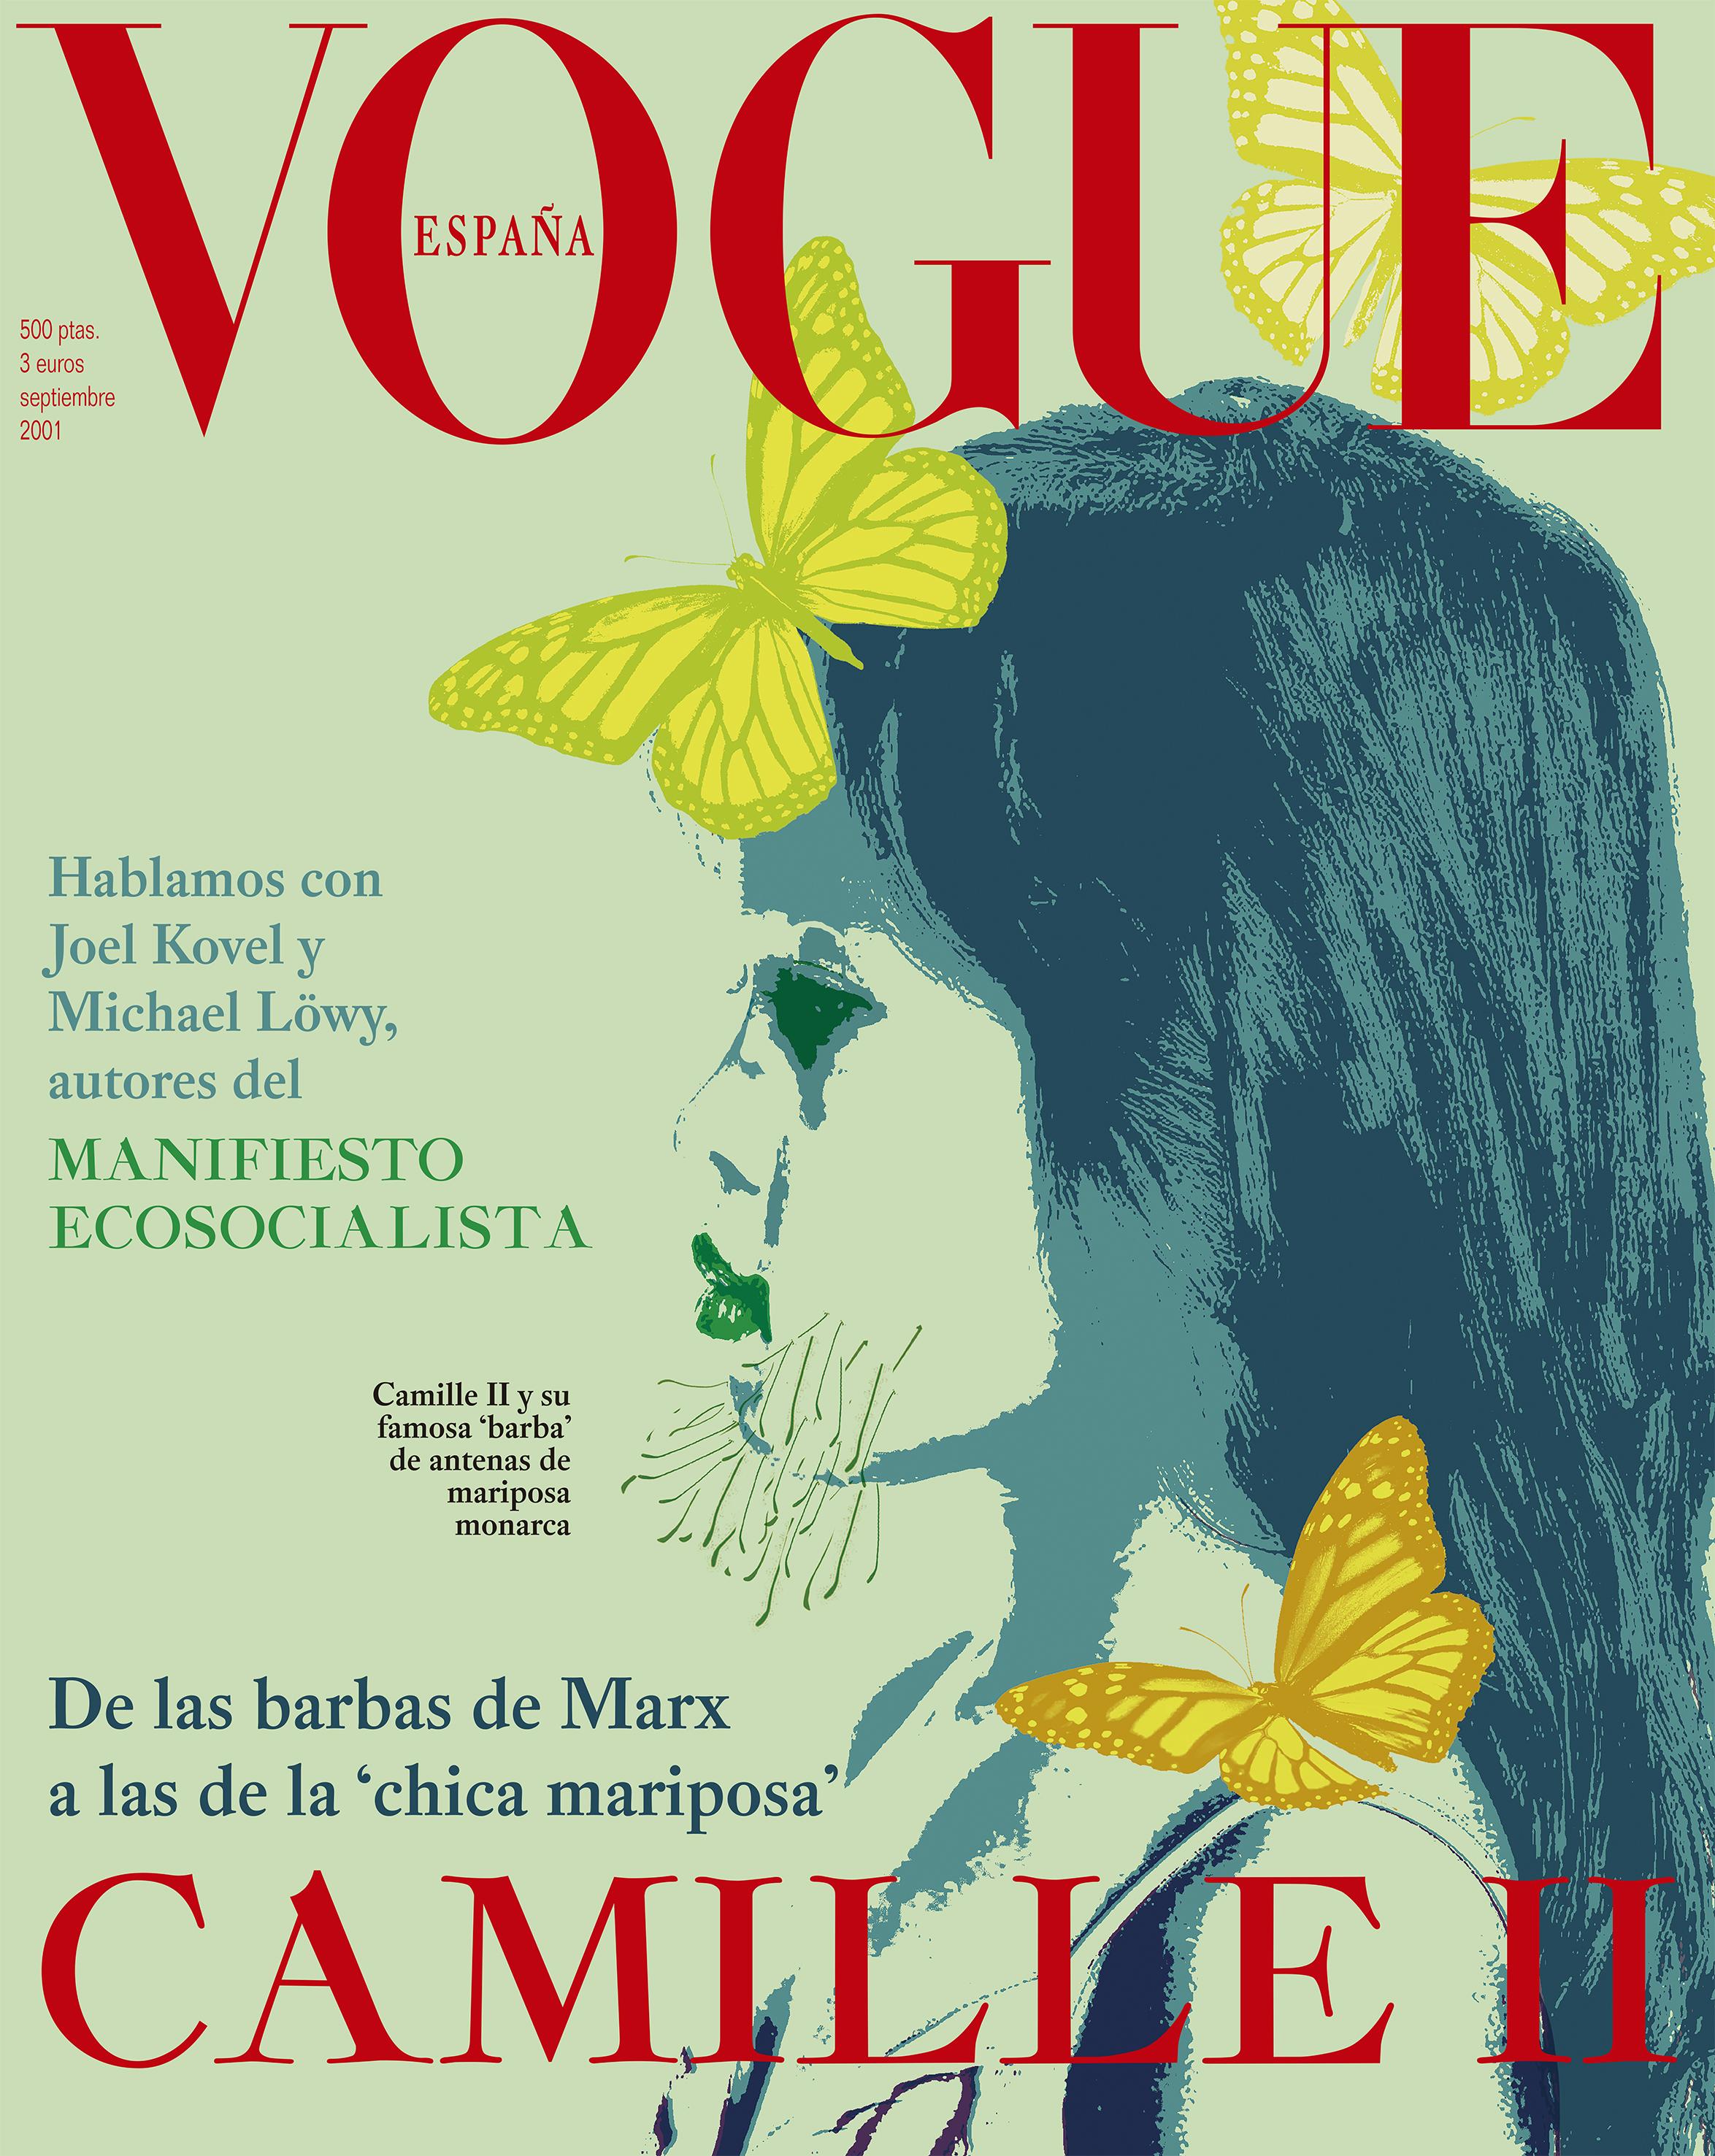 Portada de 'Vogue' con entrevista a Camille, la chica con antenas de mariposa.